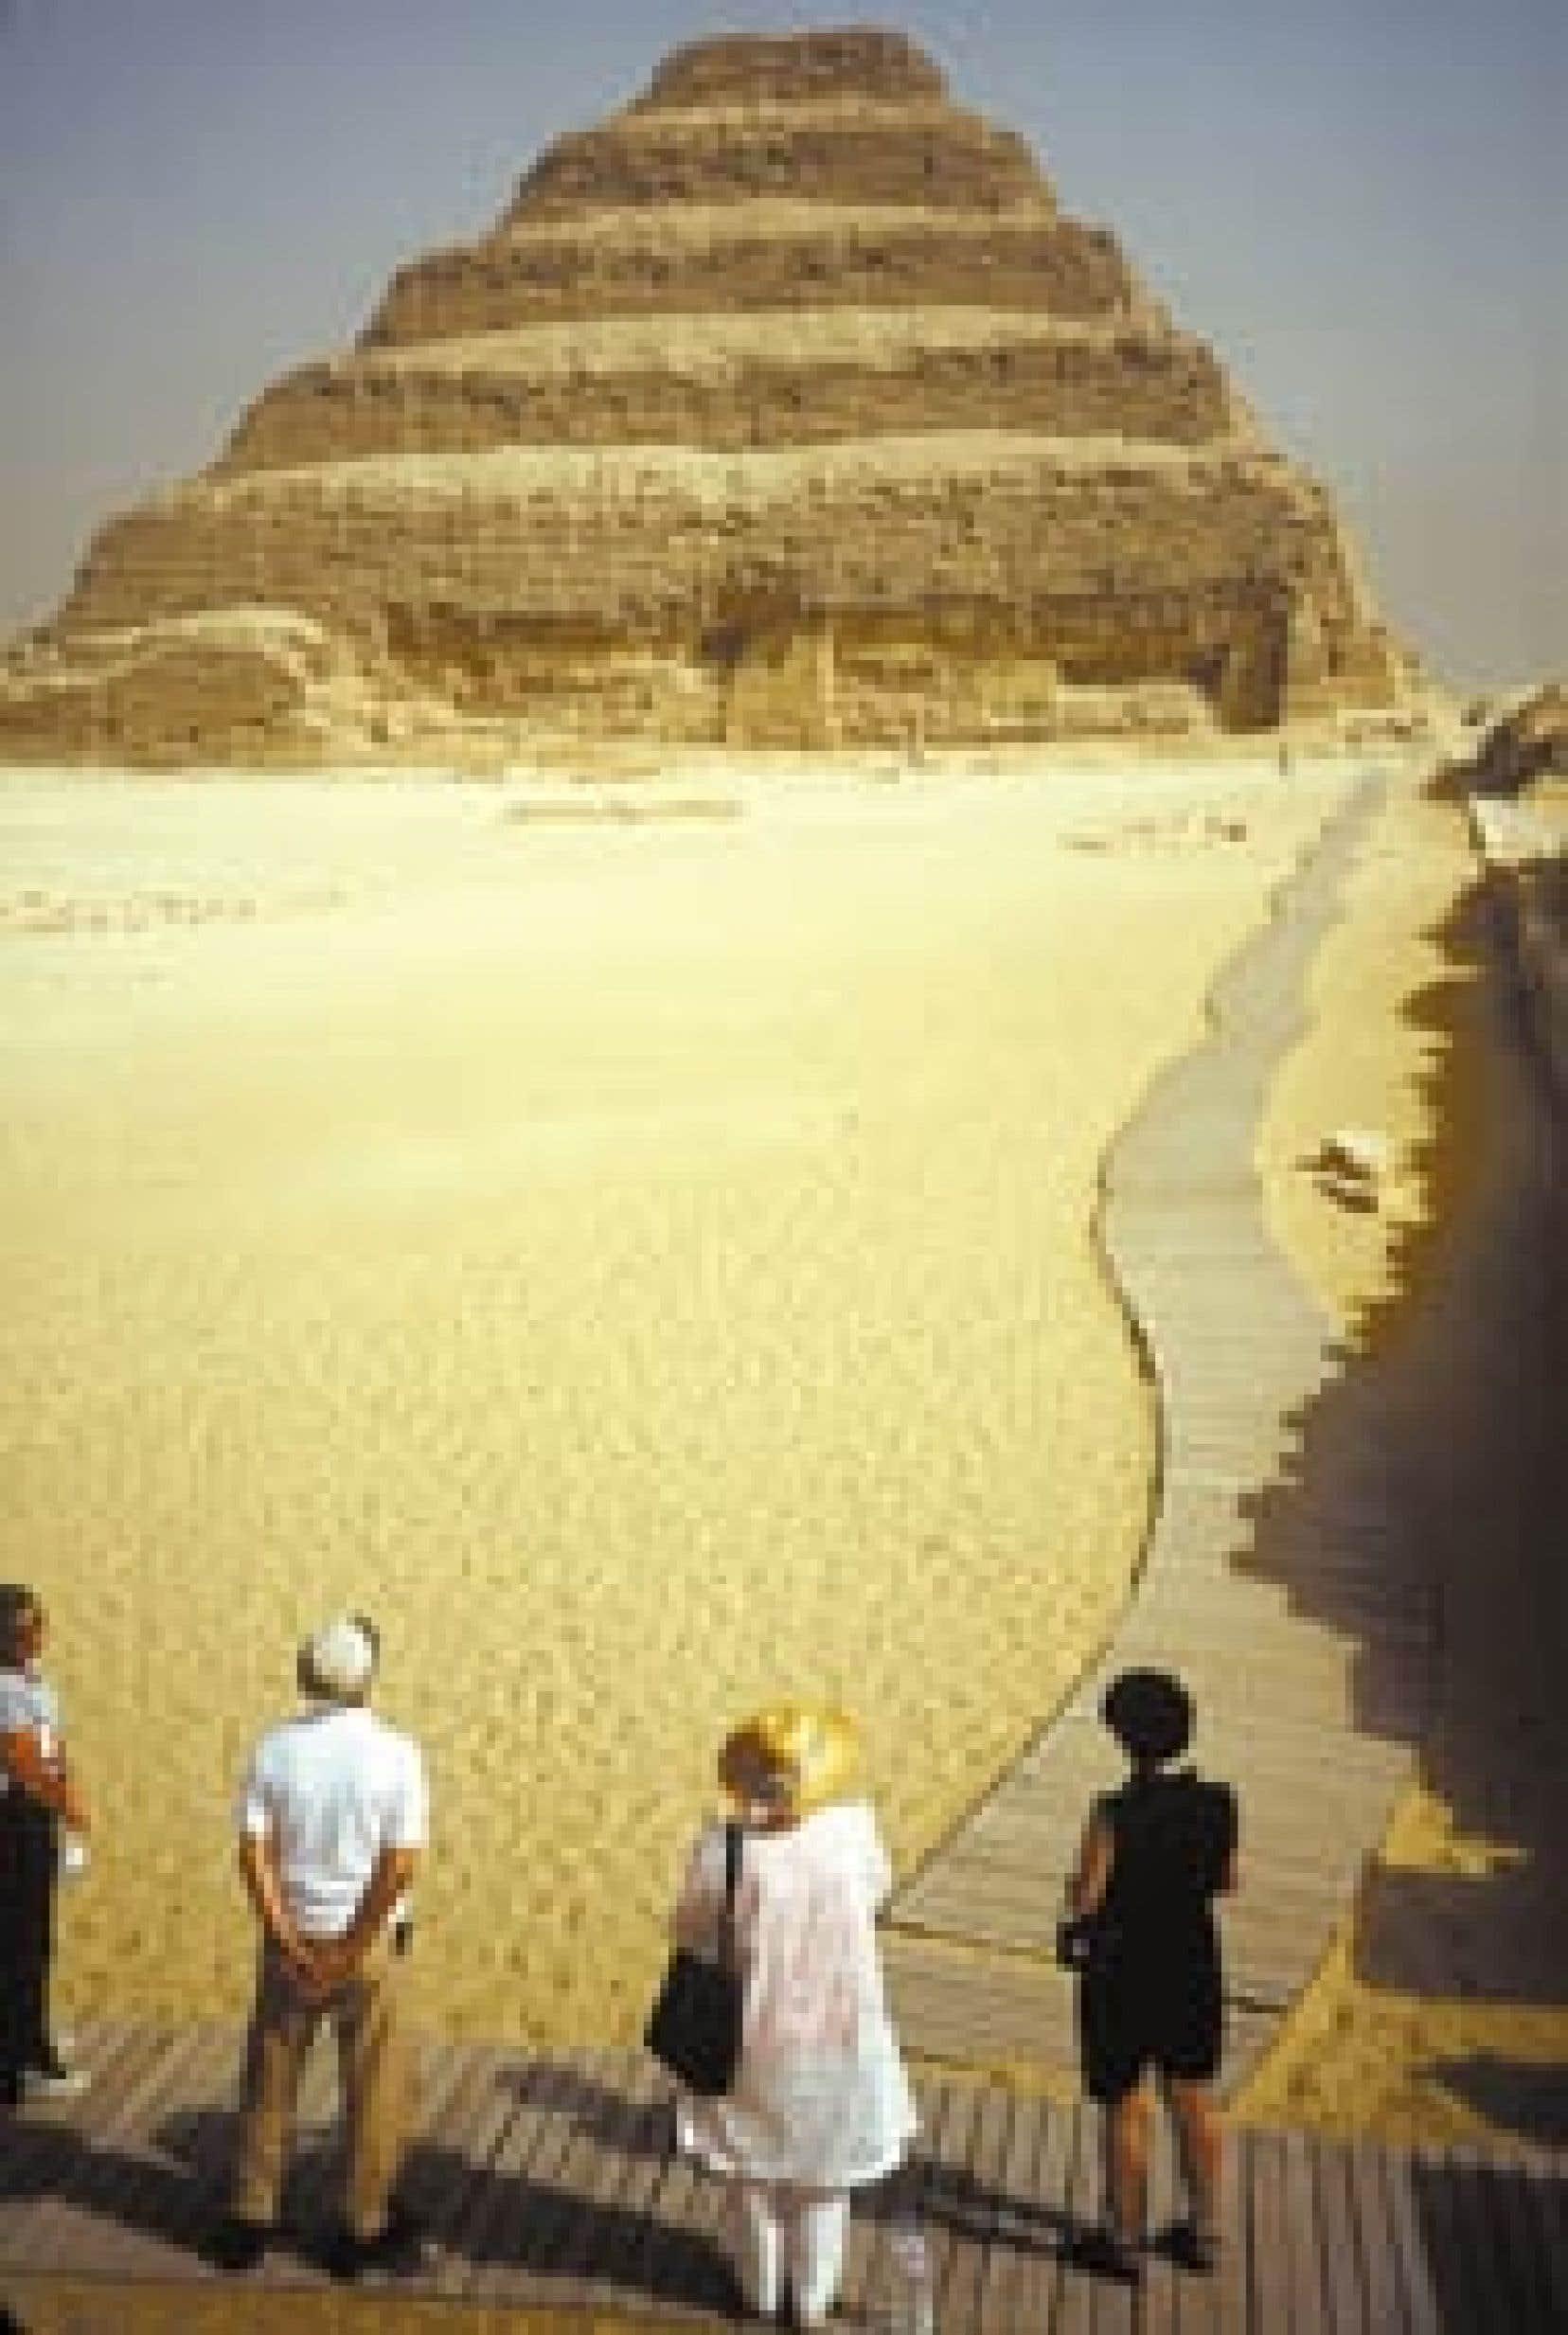 photos pierre-rené de cotret -La pyramide de Saqqara, la mère de toutes les pyramides et la plus vieille construction de pierre au monde.